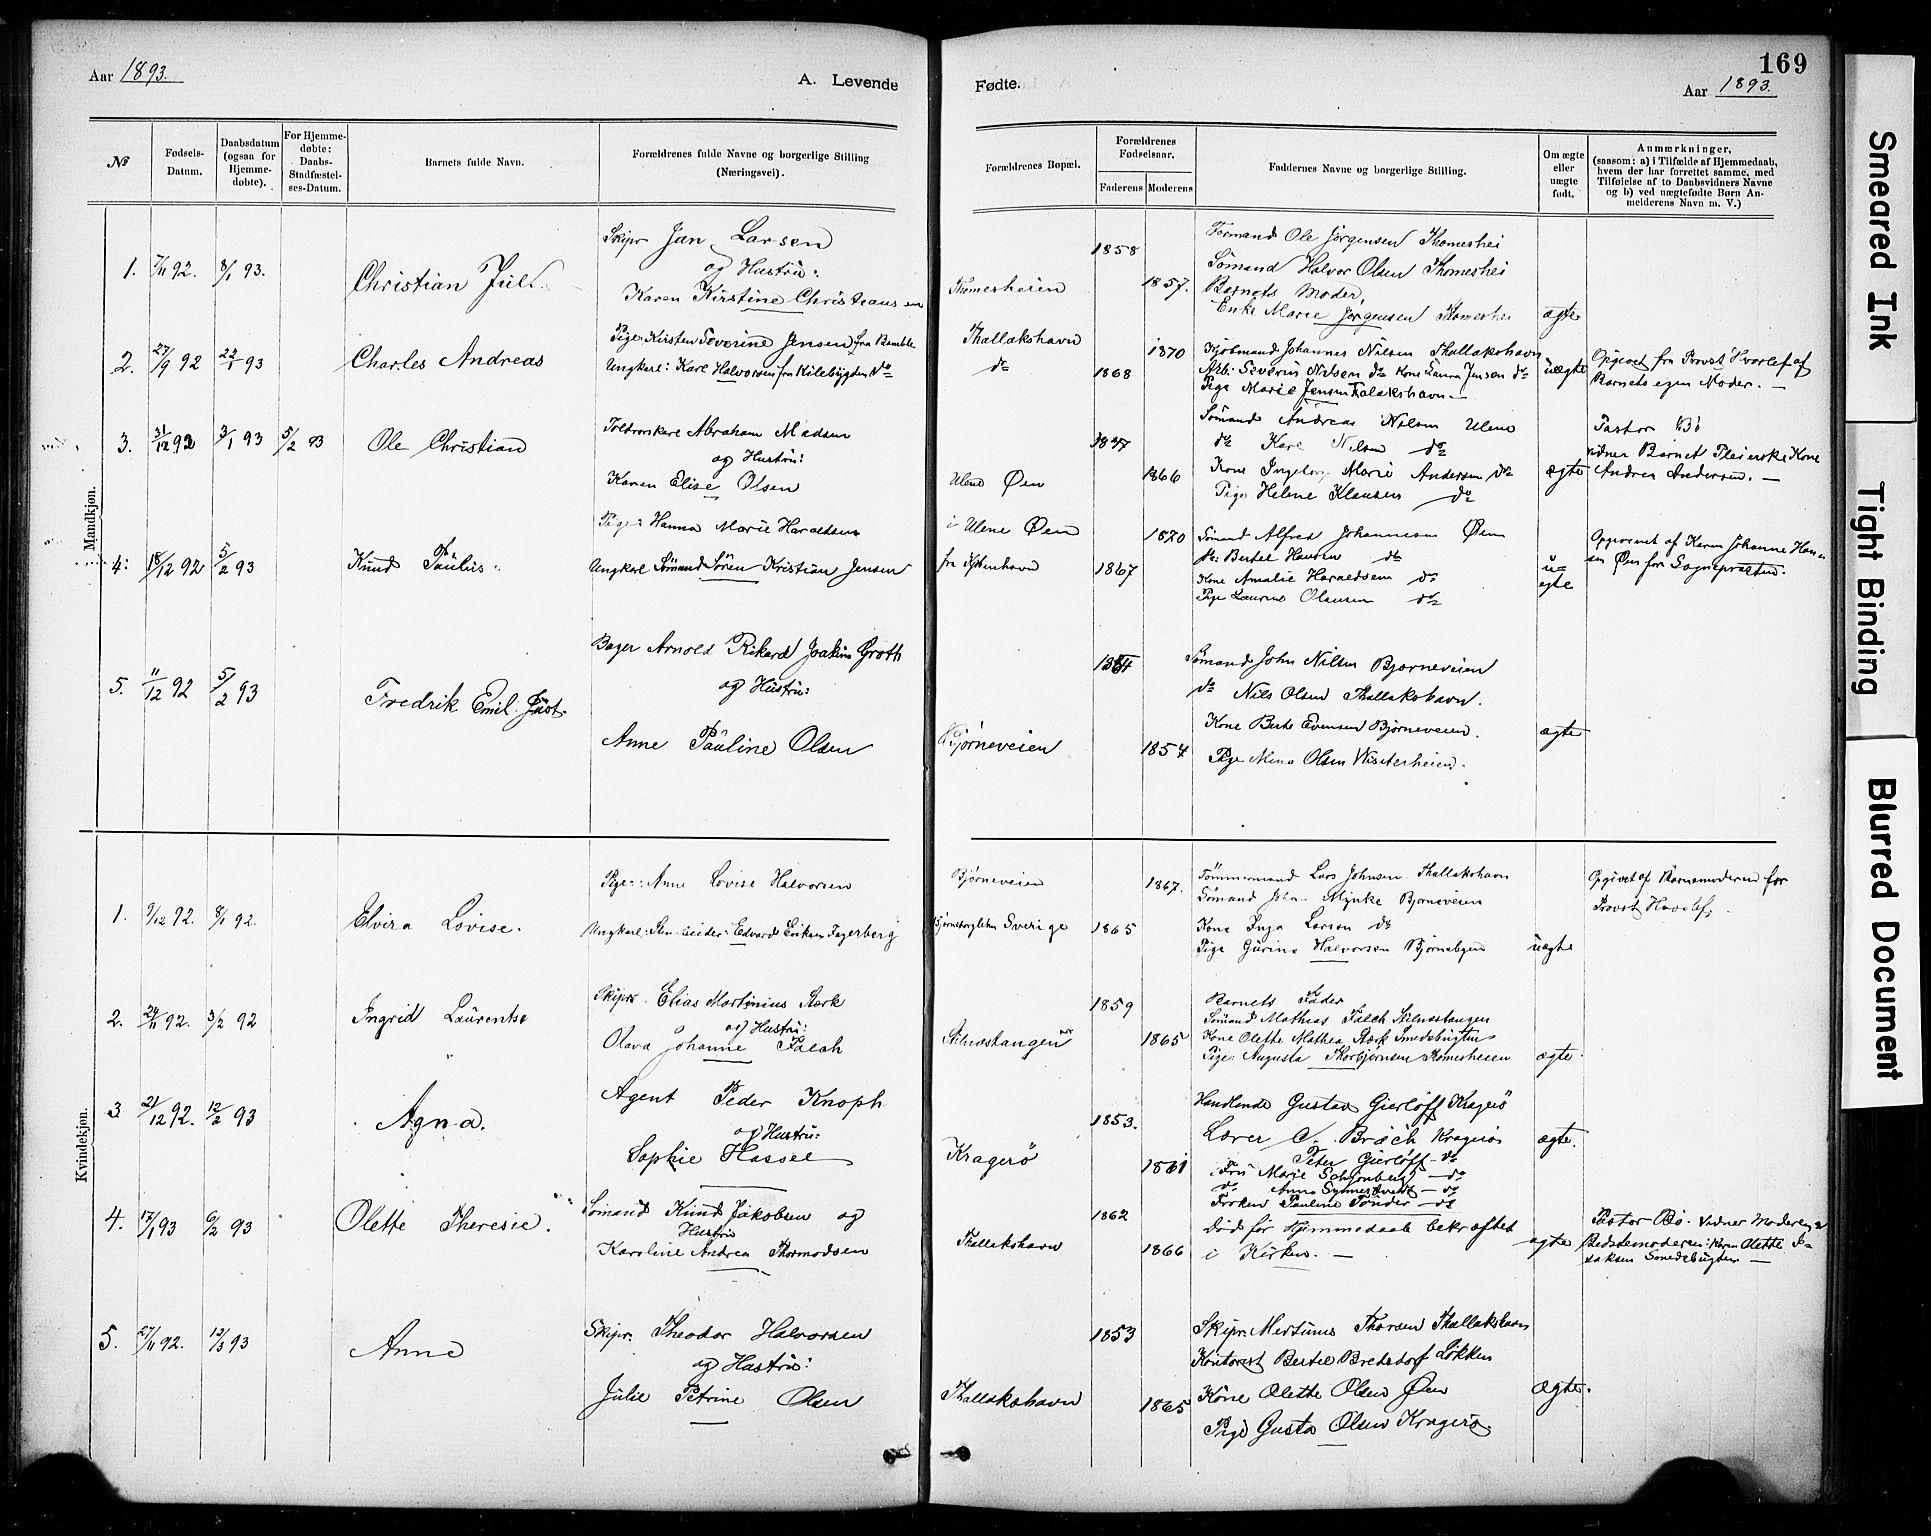 SAKO, Kragerø kirkebøker, G/Ga/L0007: Klokkerbok nr. 7, 1881-1927, s. 169